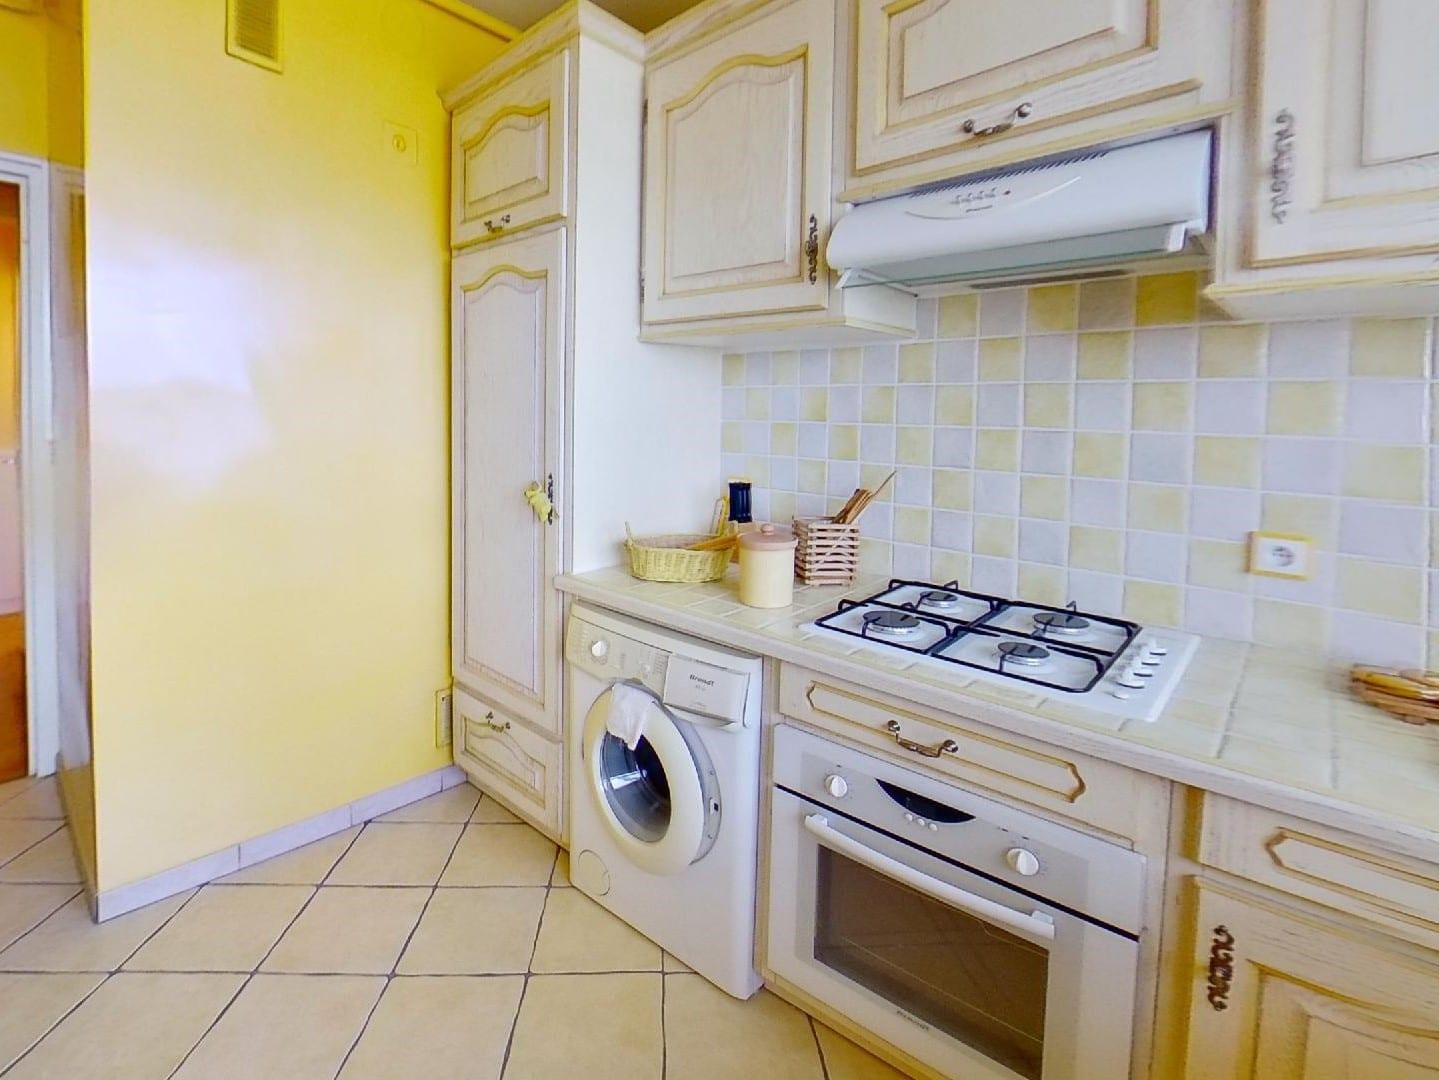 appartement à vendre à maisons alfort: 2 pièces 50 m², cuisine indépendante aménagée et équipée